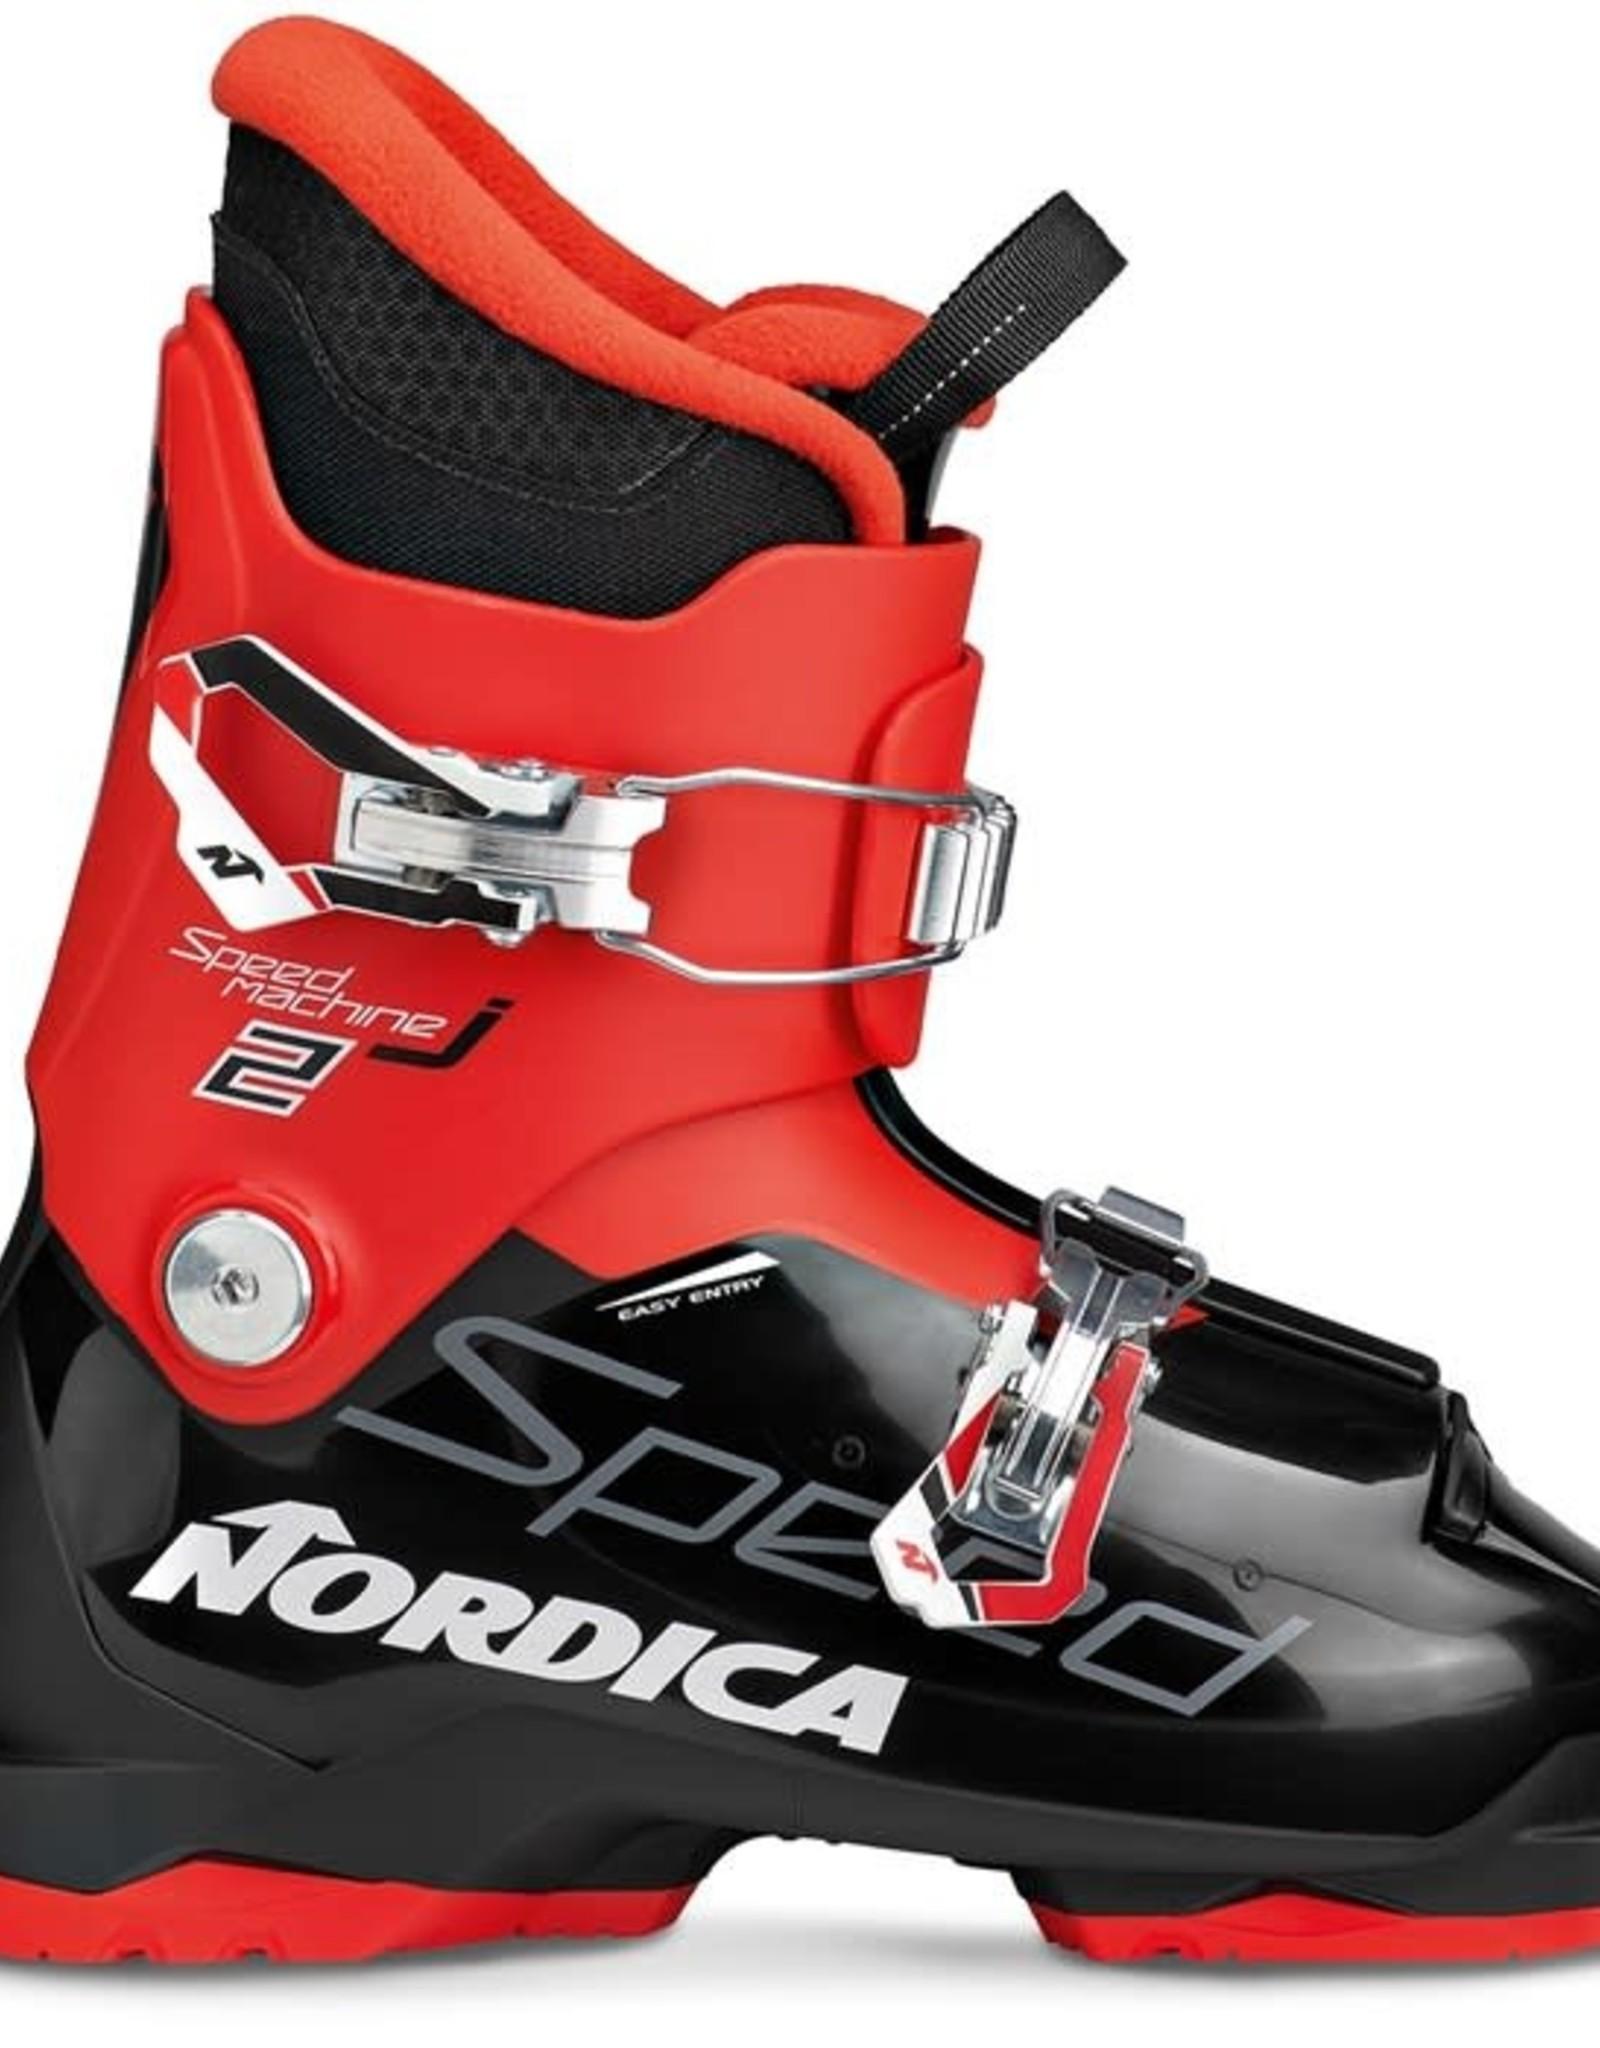 Nordica Nordica SpeedMachine J2